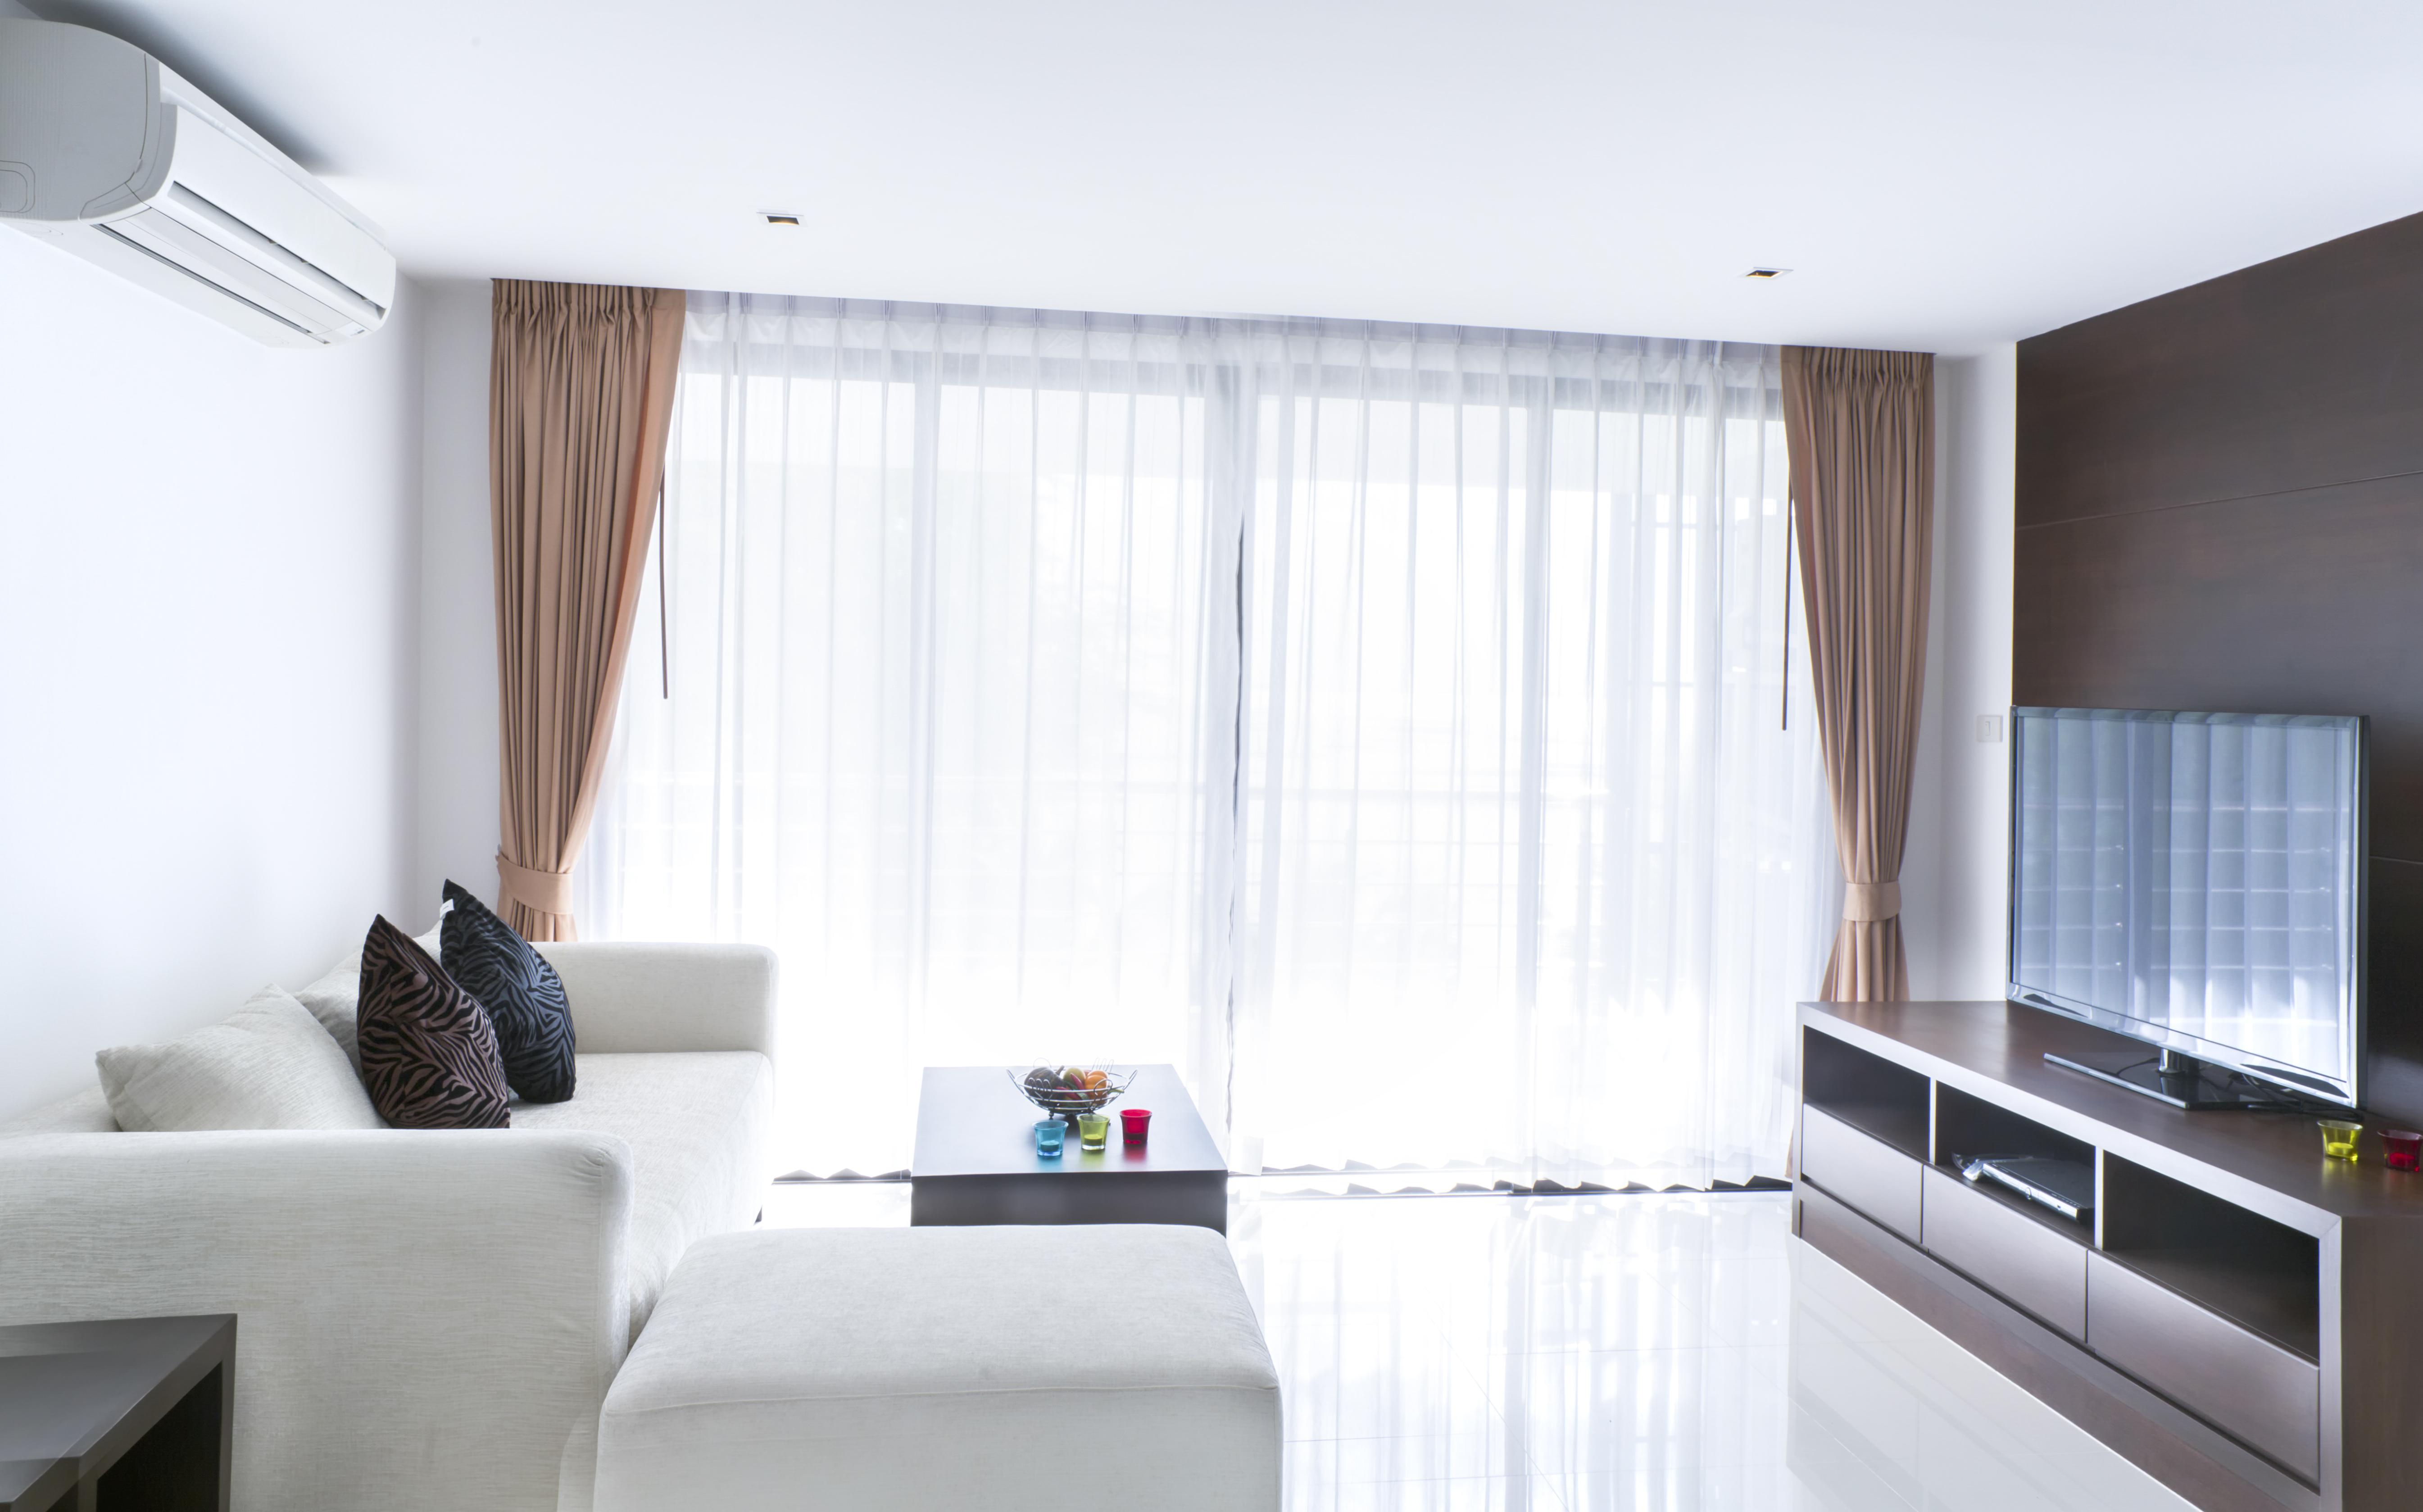 Helle, Halb Transparente Vorhänge Sorgen Für Genug Licht Im Wohnzimmer